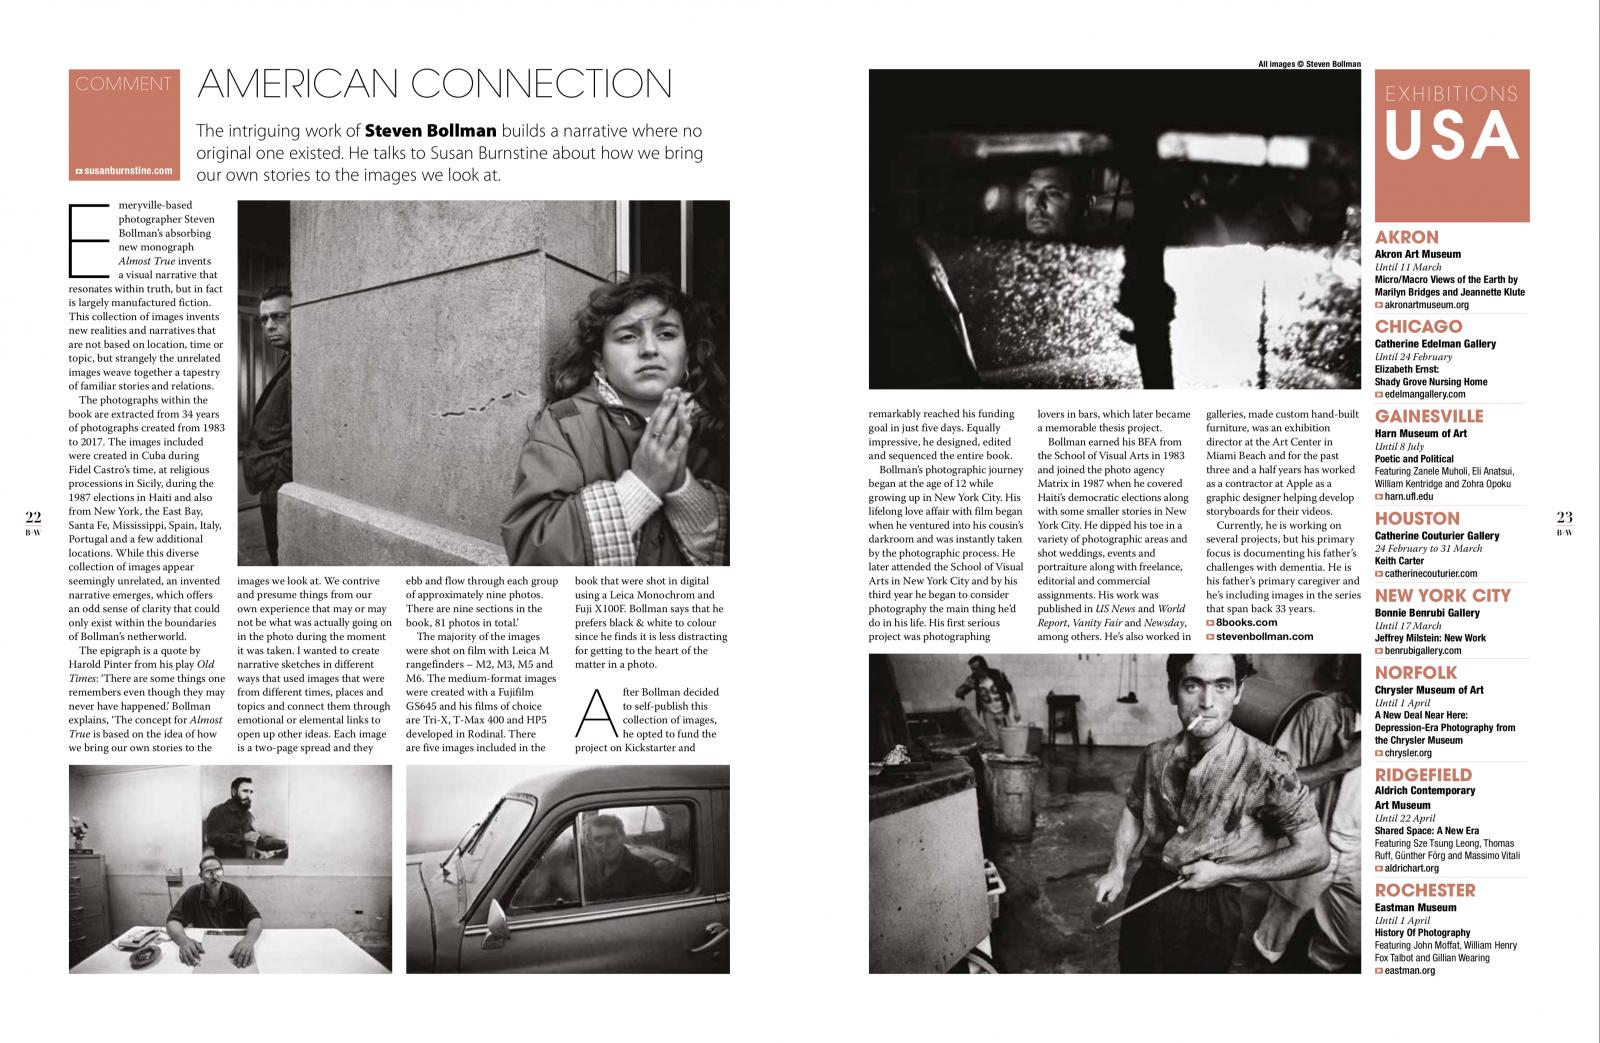 Courtesy of Black + White Photography Magazine (UK) March issue #213